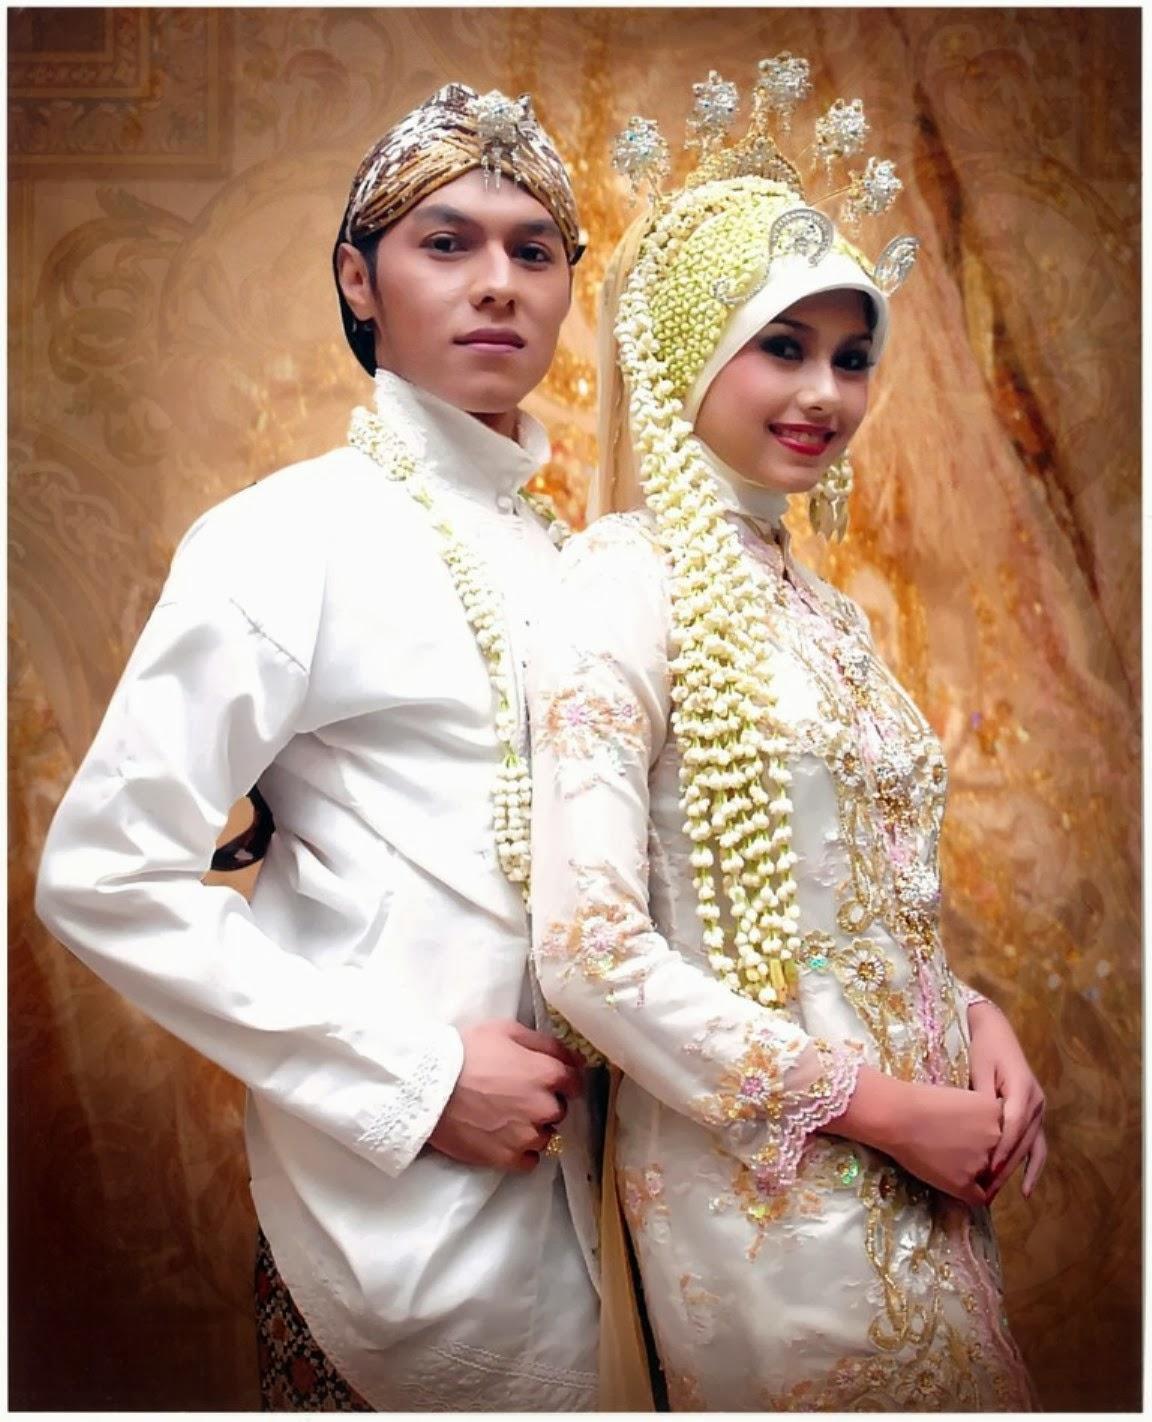 Baju+Kebaya+Pengantin+Muslim